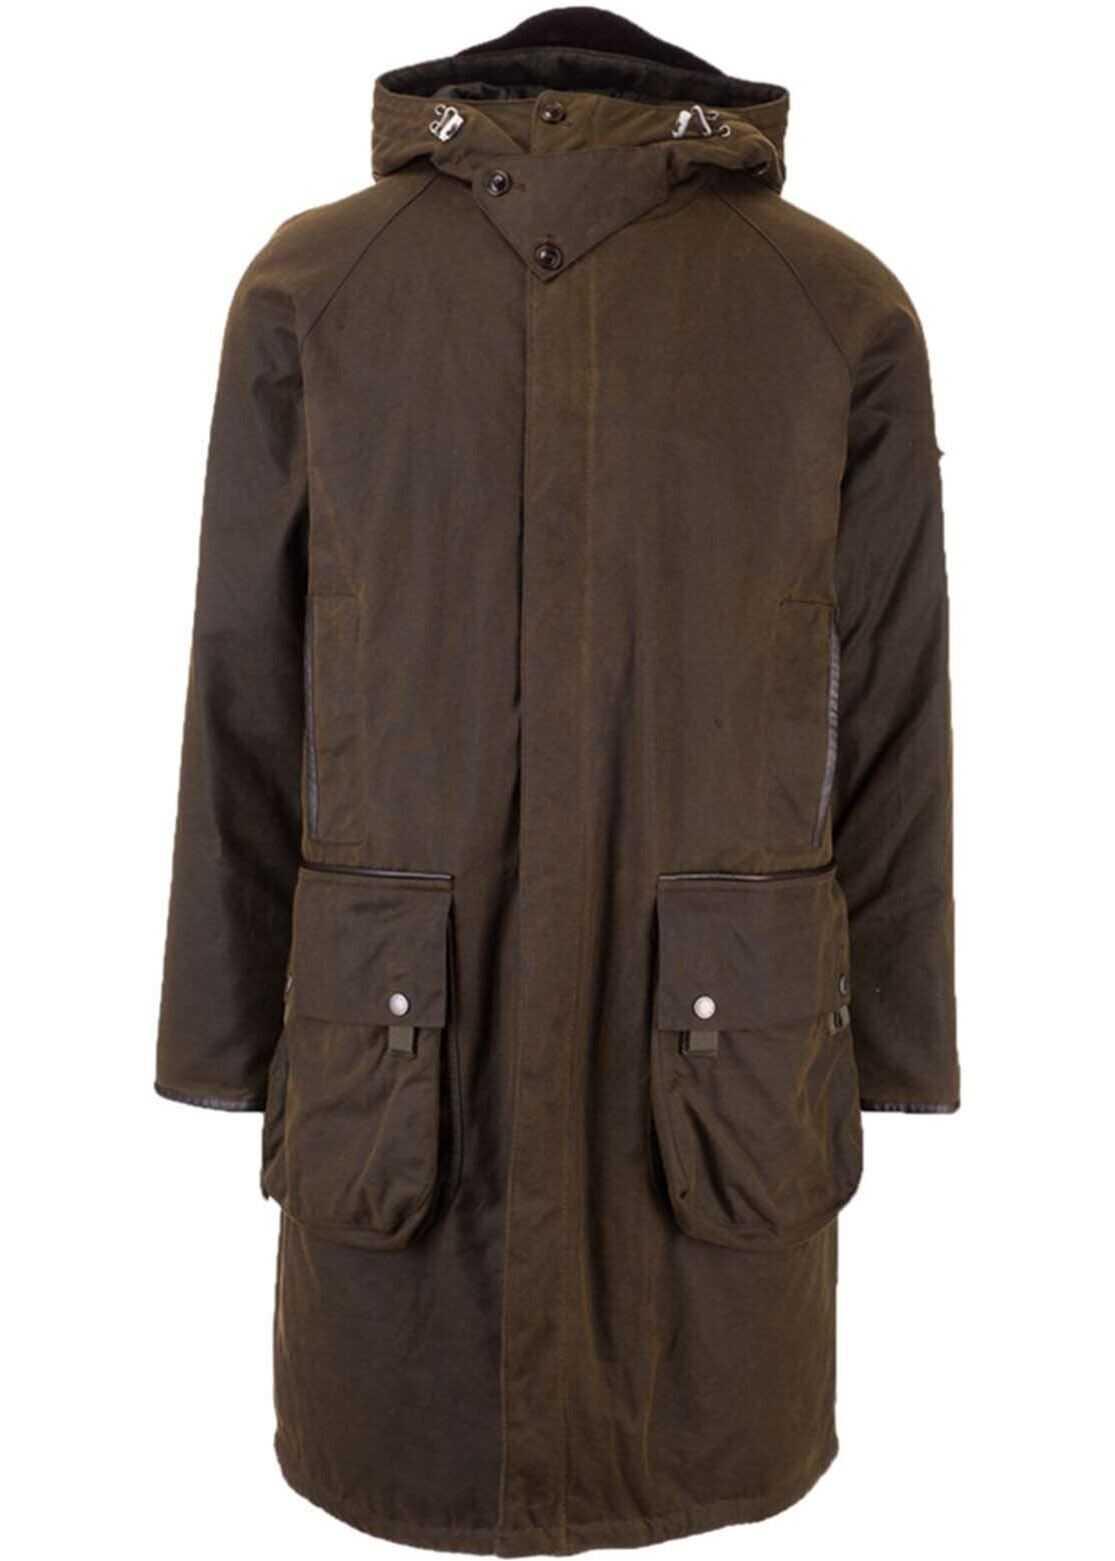 Barbour Coat In Green Green imagine